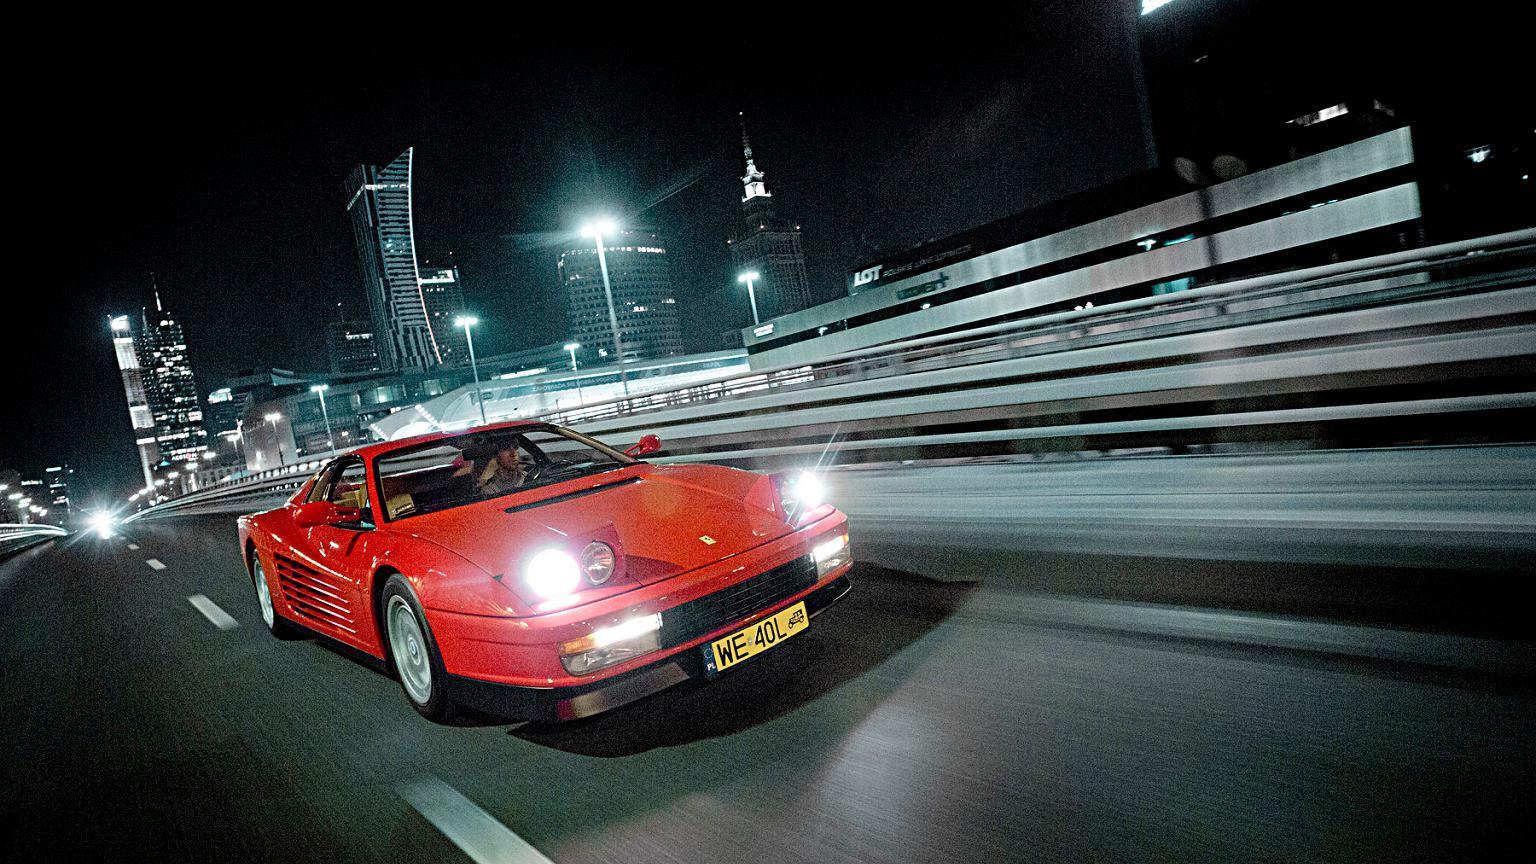 Asystent jazdy nocnej - jak działa, ile kosztuje, czy warto?